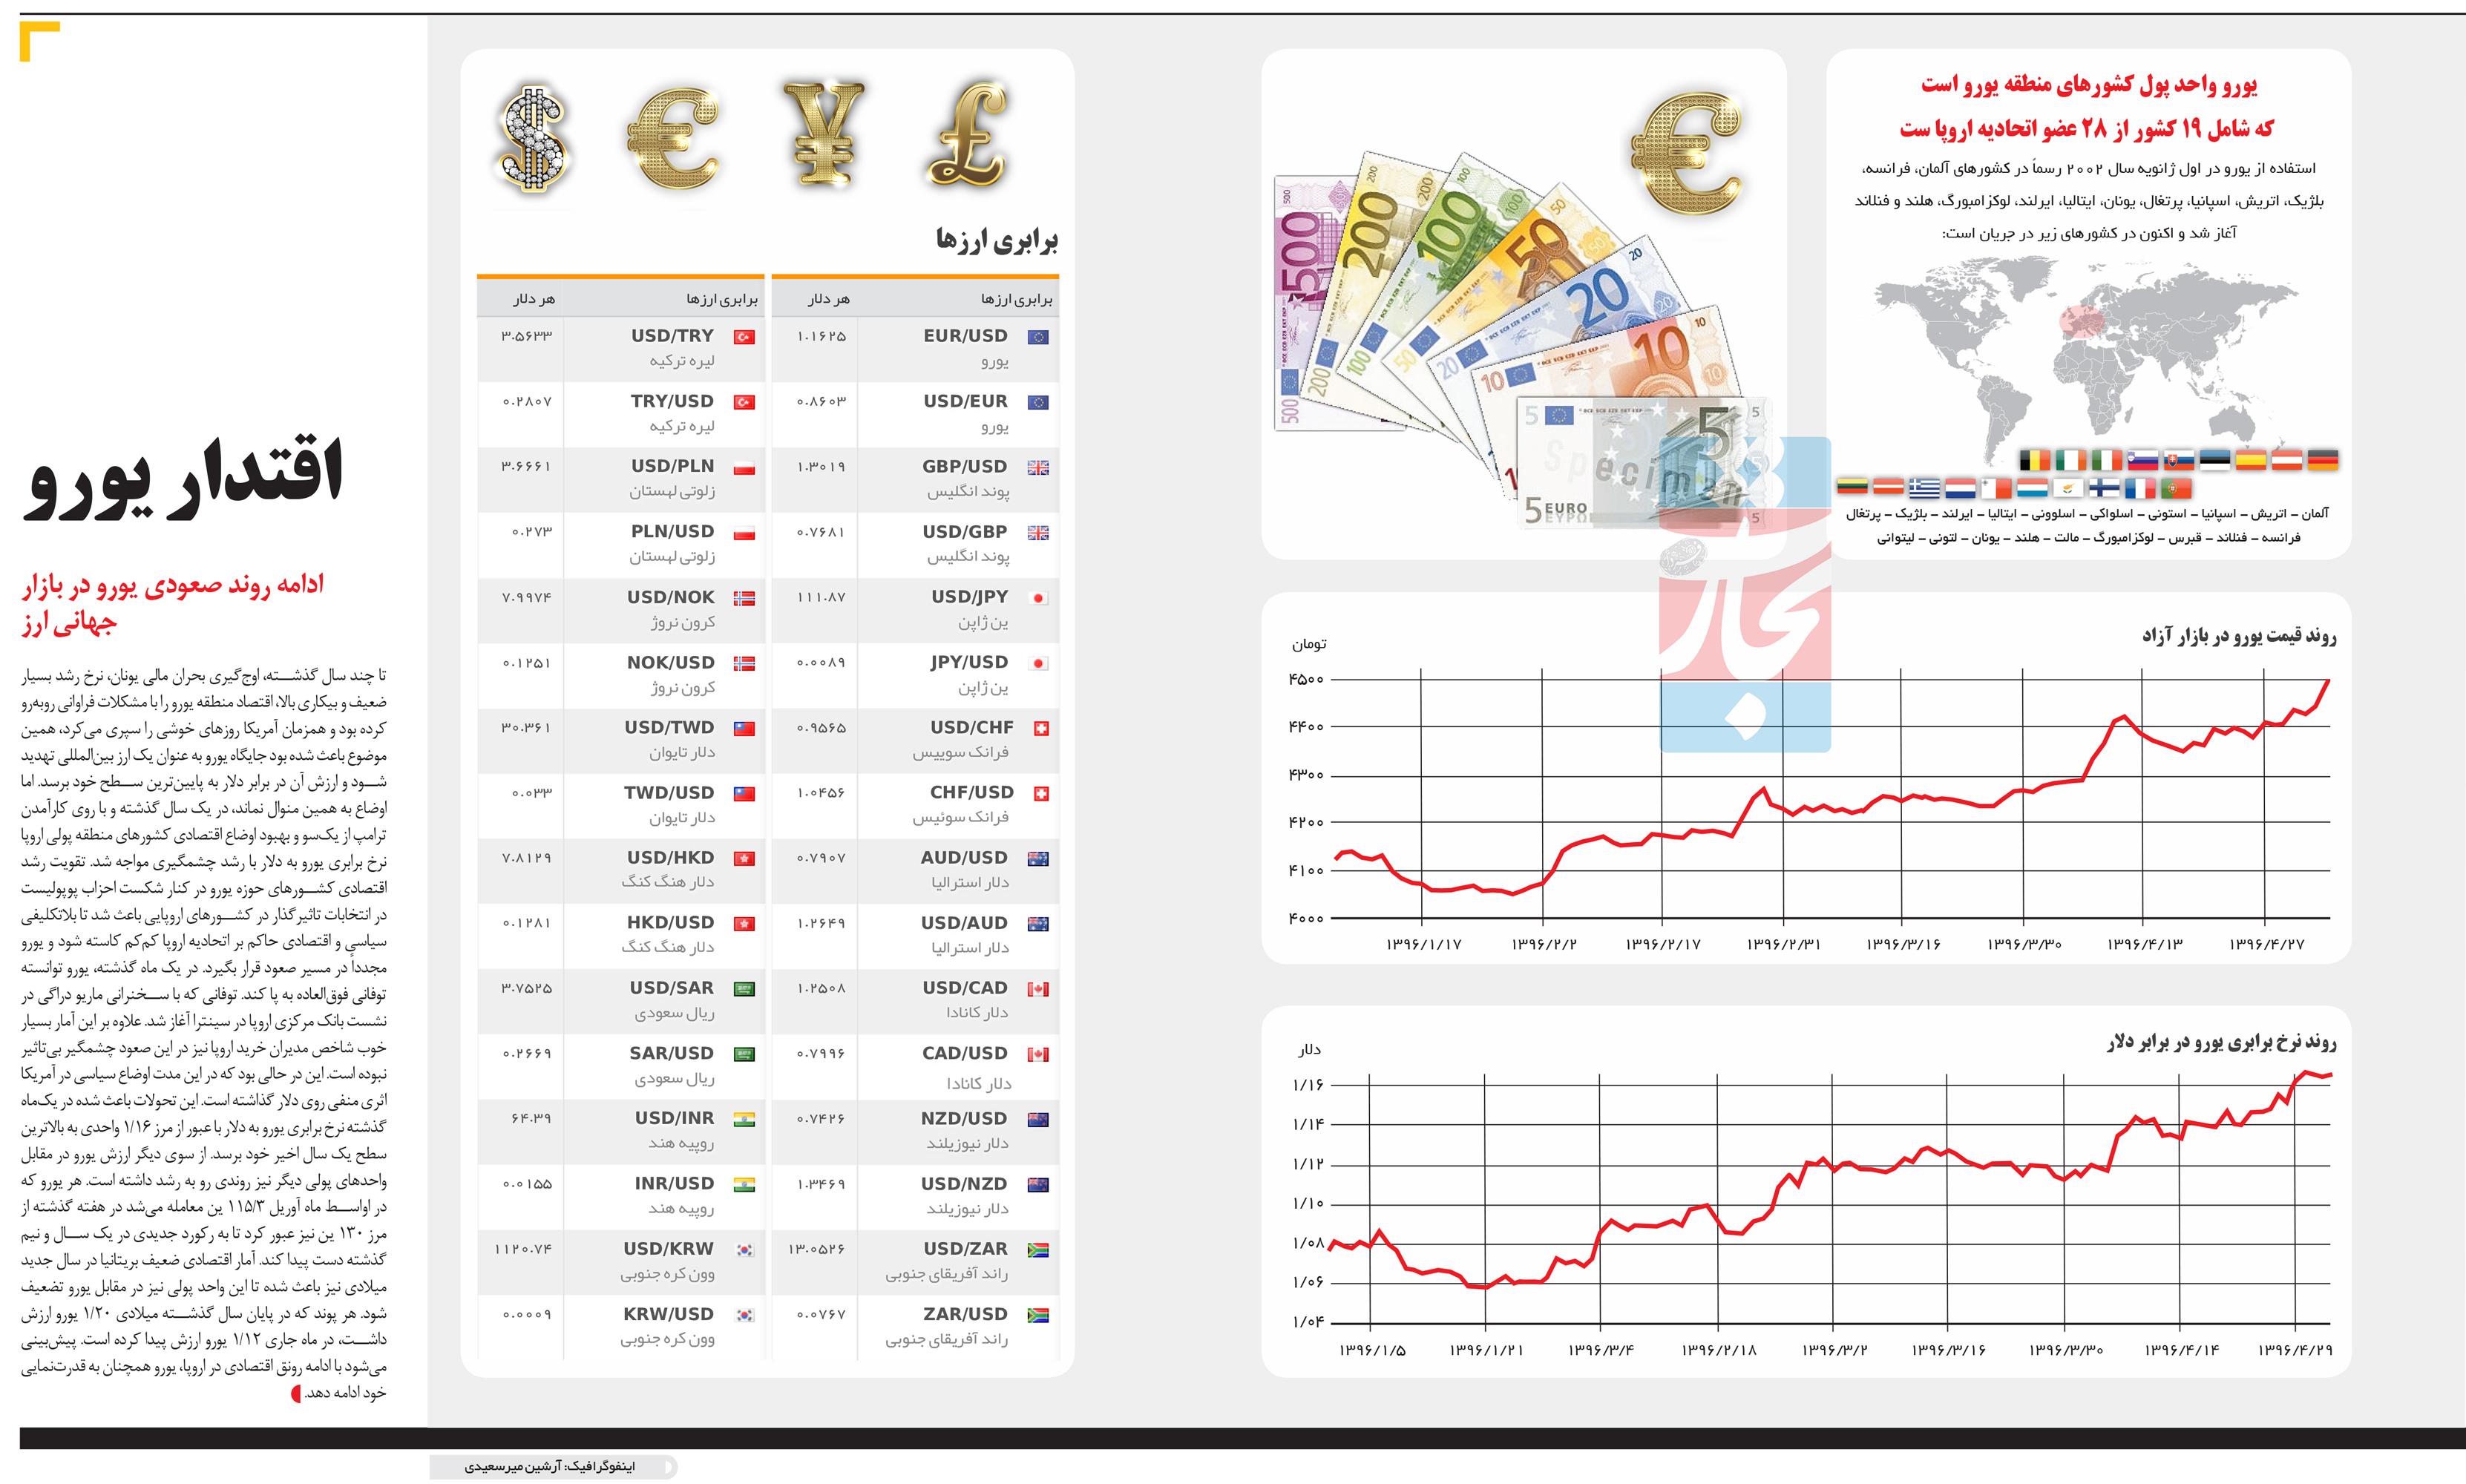 تجارت- فردا- اقتدار یورو(اینفوگرافیک)